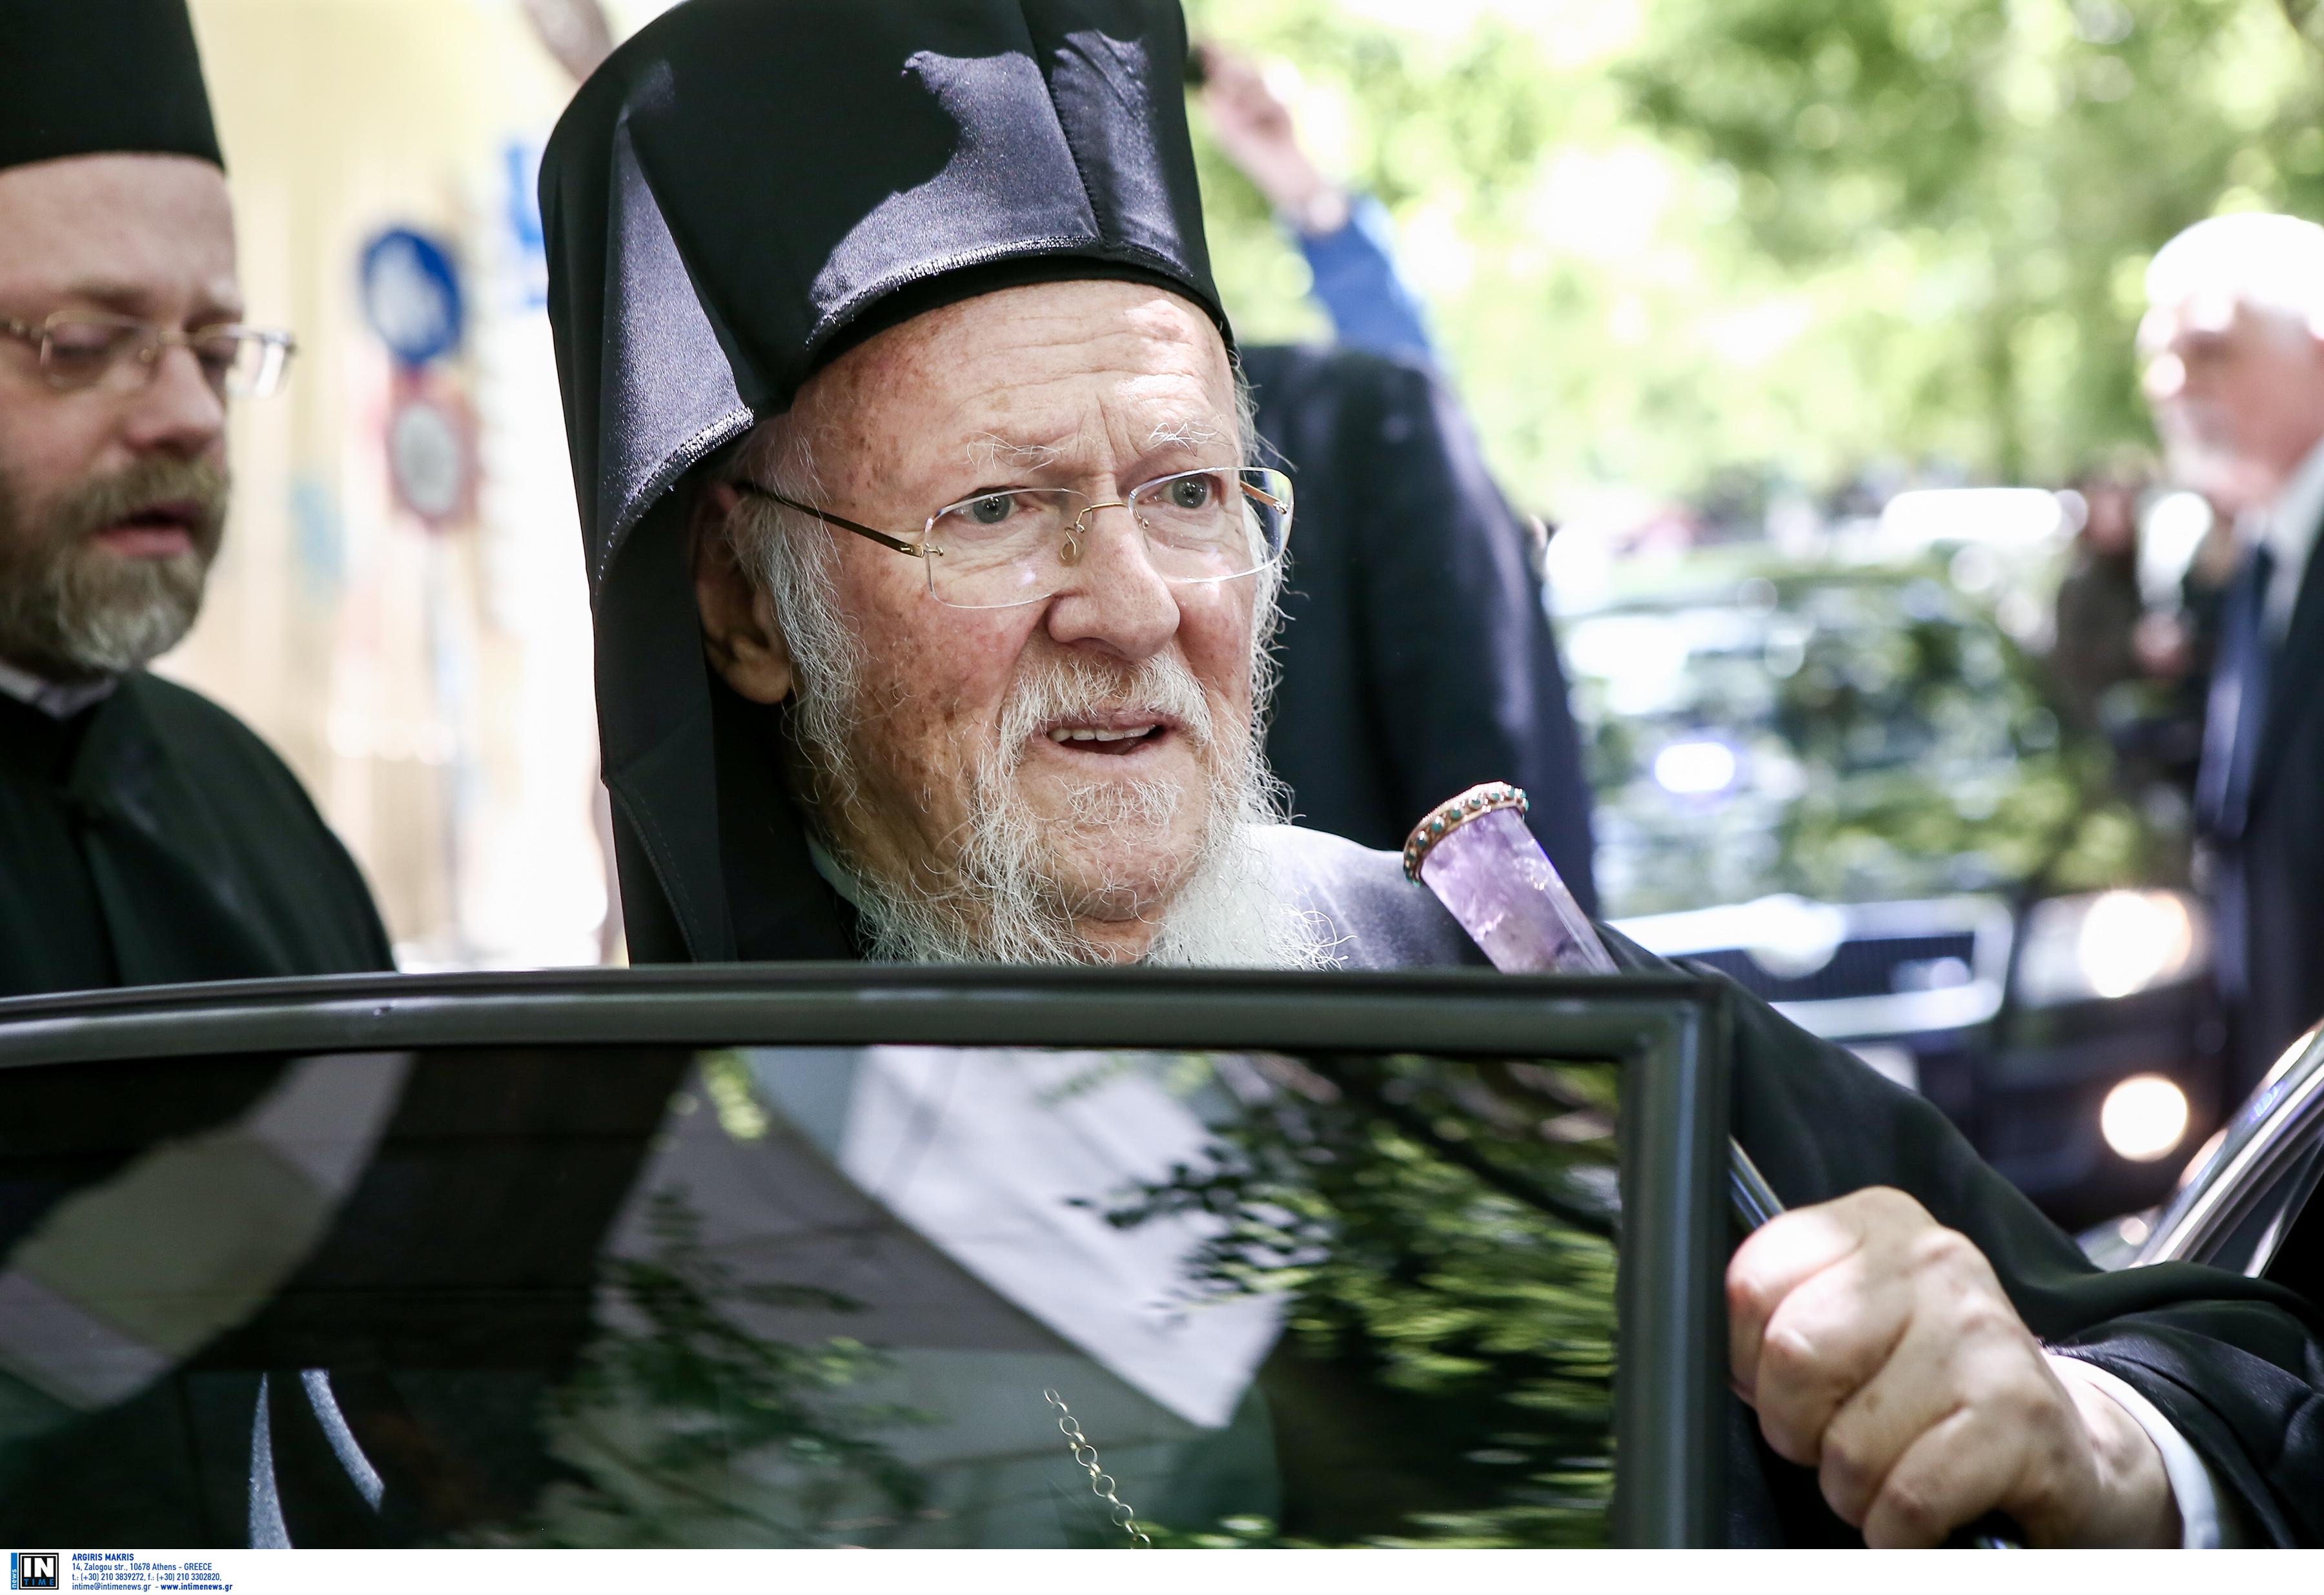 """Οικουμενικός Πατριάρχης Βαρθολομαίος: """"Μυστήριο"""" με τη διάρρηξη στο σπίτι του - Τι ερευνούν οι αρχές"""